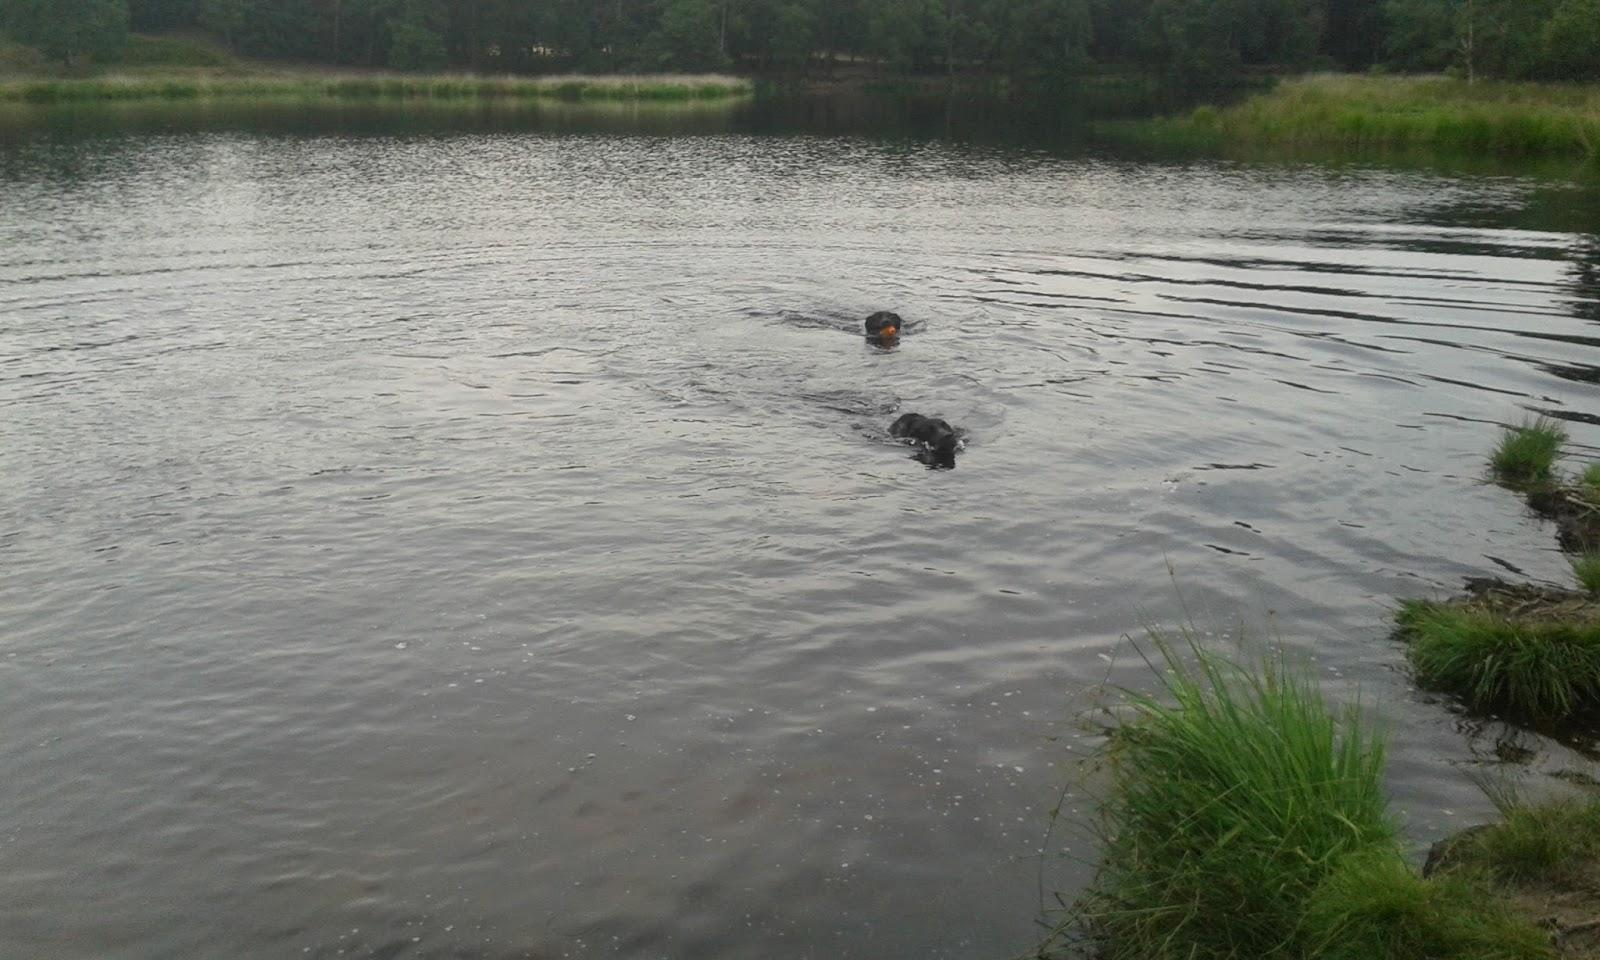 Freaser en Wilka zwemmen samen in het ven, hun koppen steken boven water uit en Wilka houdt een speeltje vast